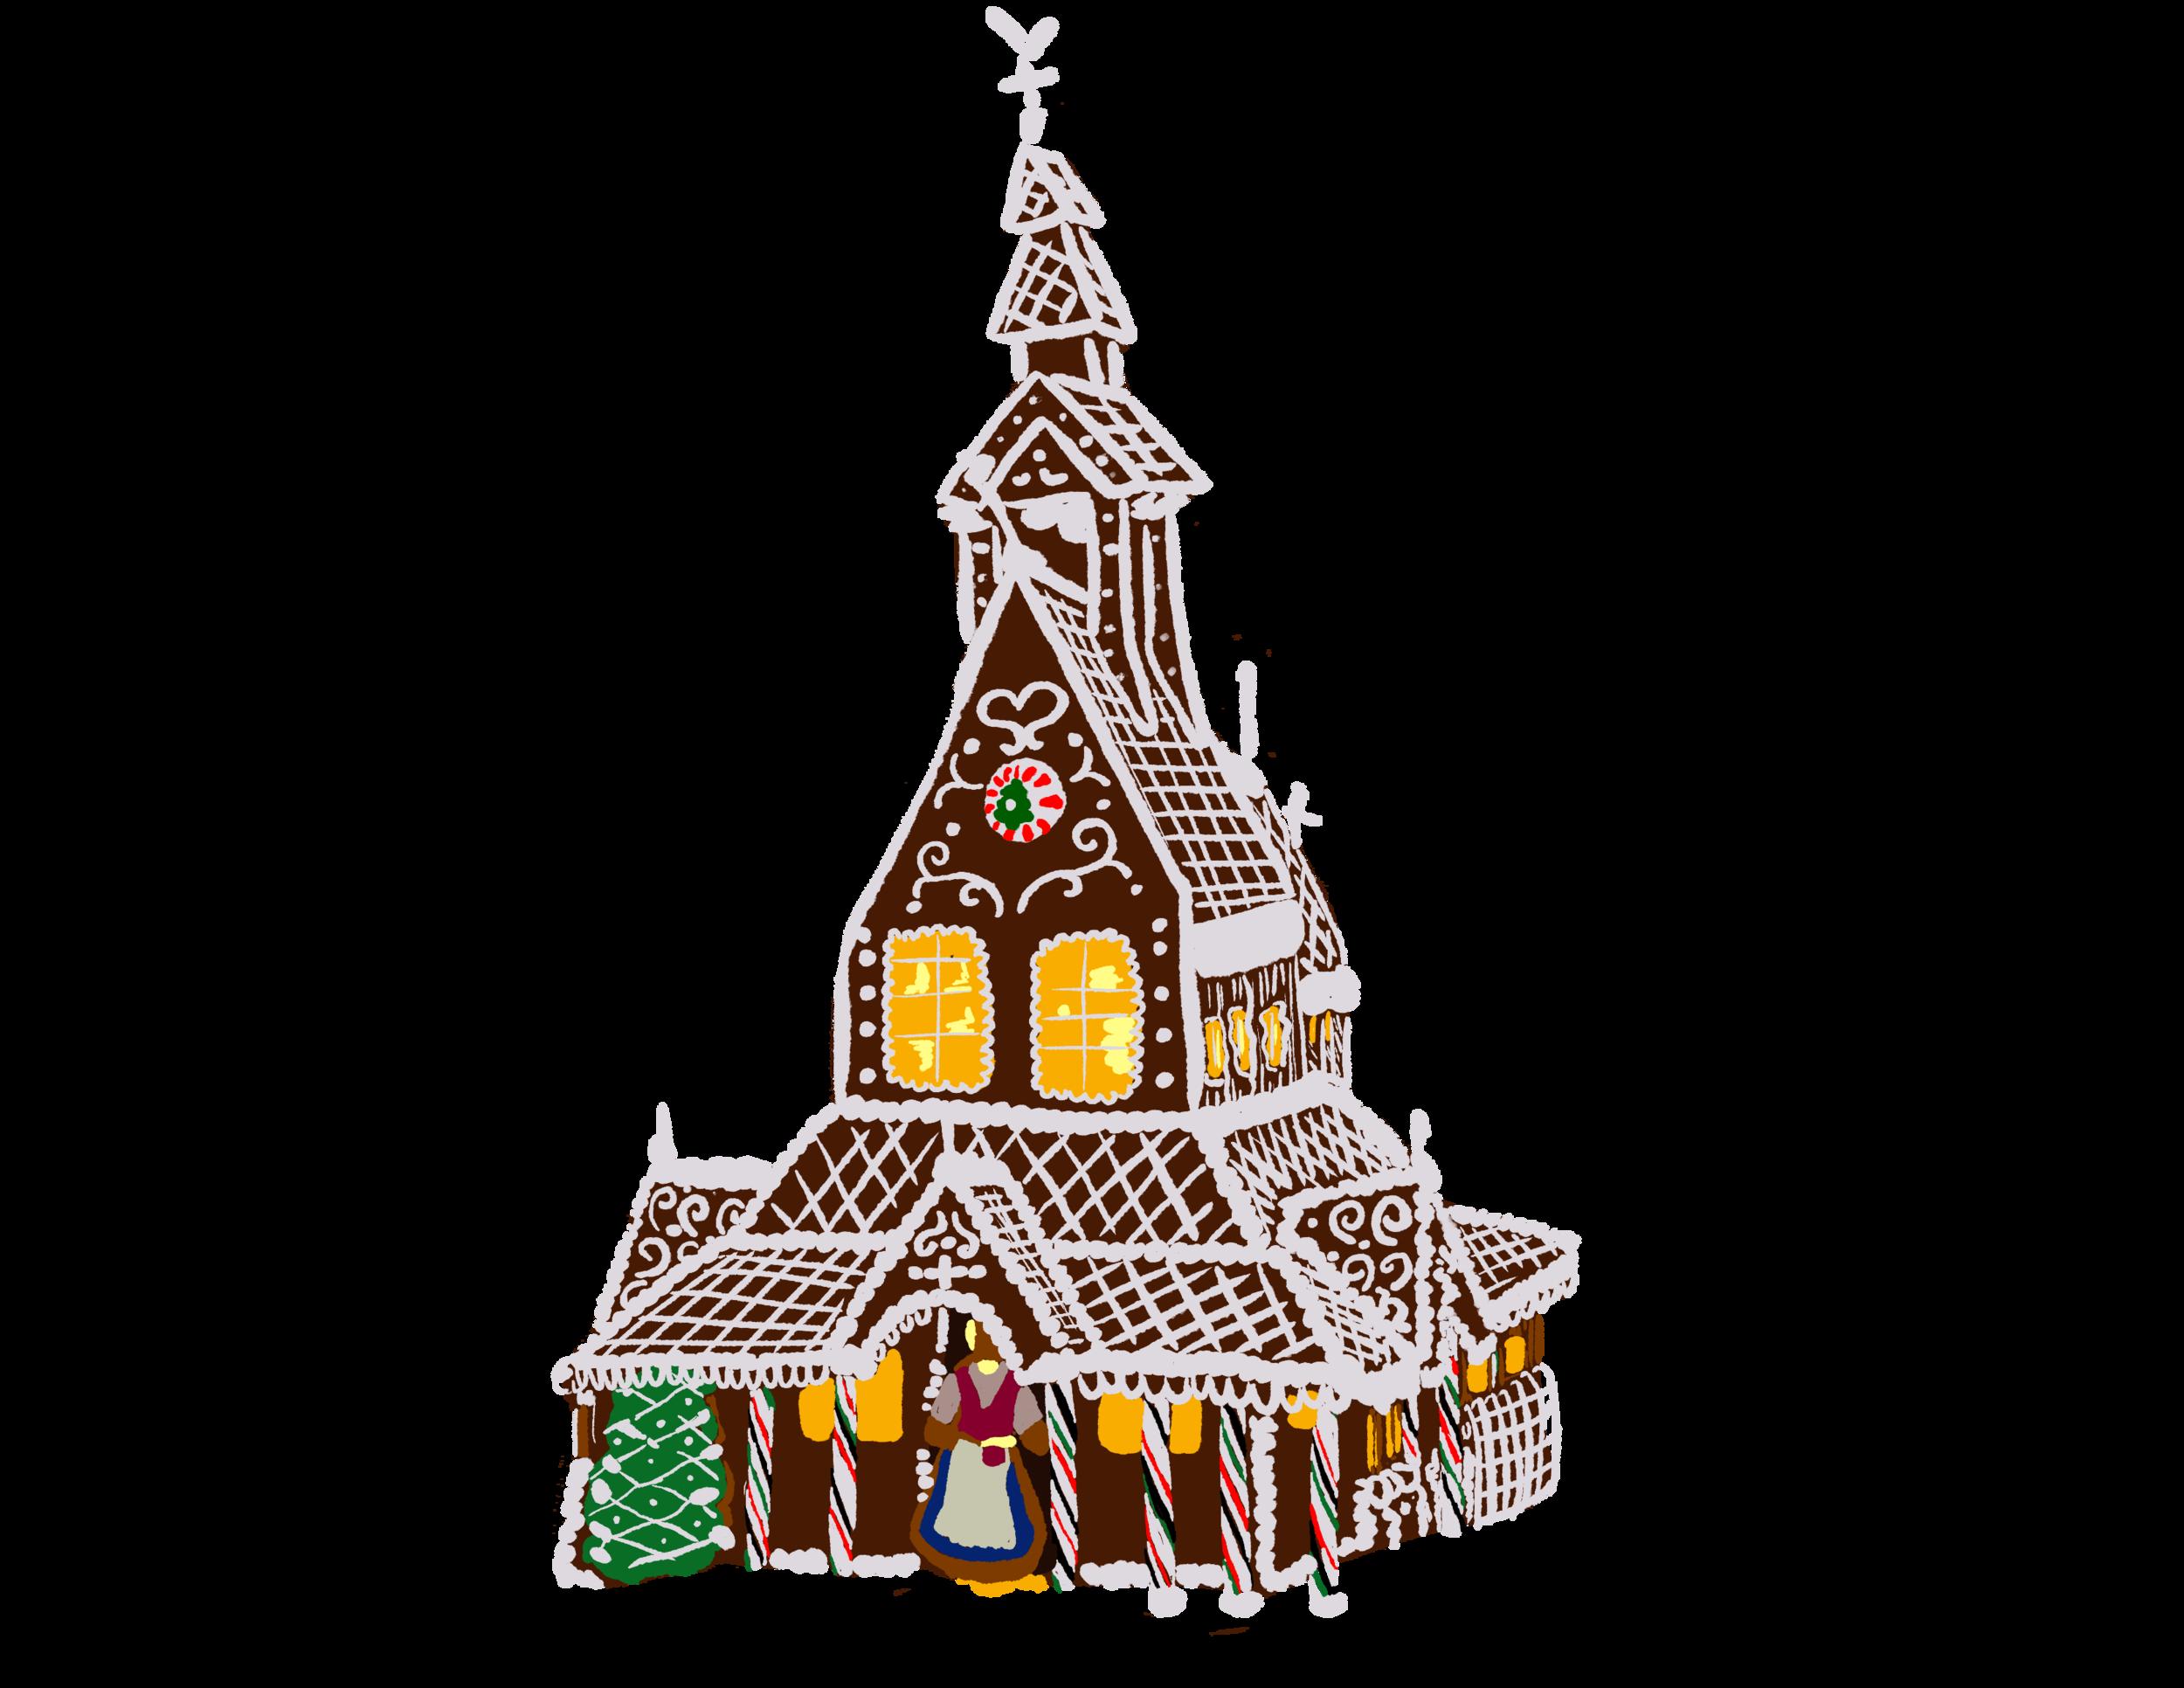 Gingerbread wonderland_Bri de Danann.png